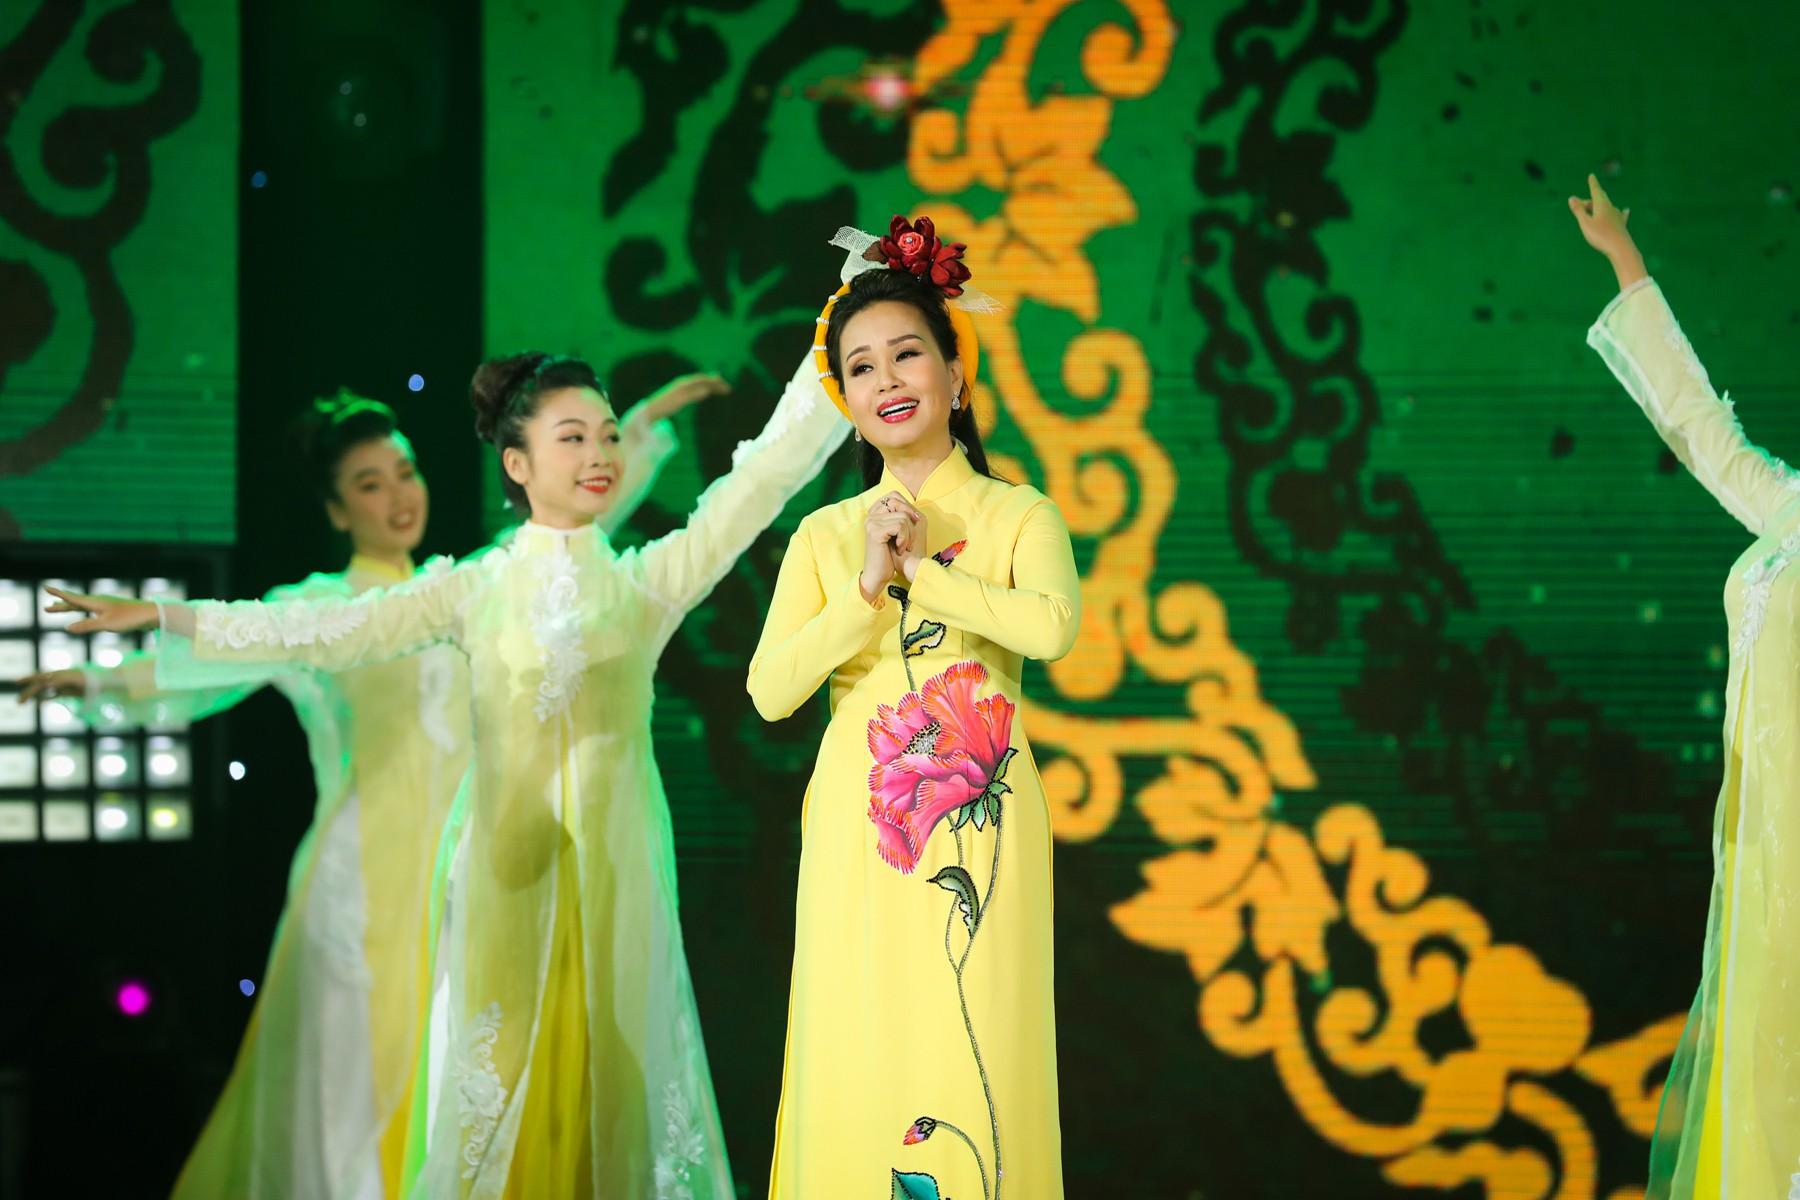 Hồ Ngọc Hà lần đầu trình diễn ca khúc mới, cùng dàn sao Việt đình đám hội ngộ trong chương trình nhạc Xuân 2019 - Ảnh 7.